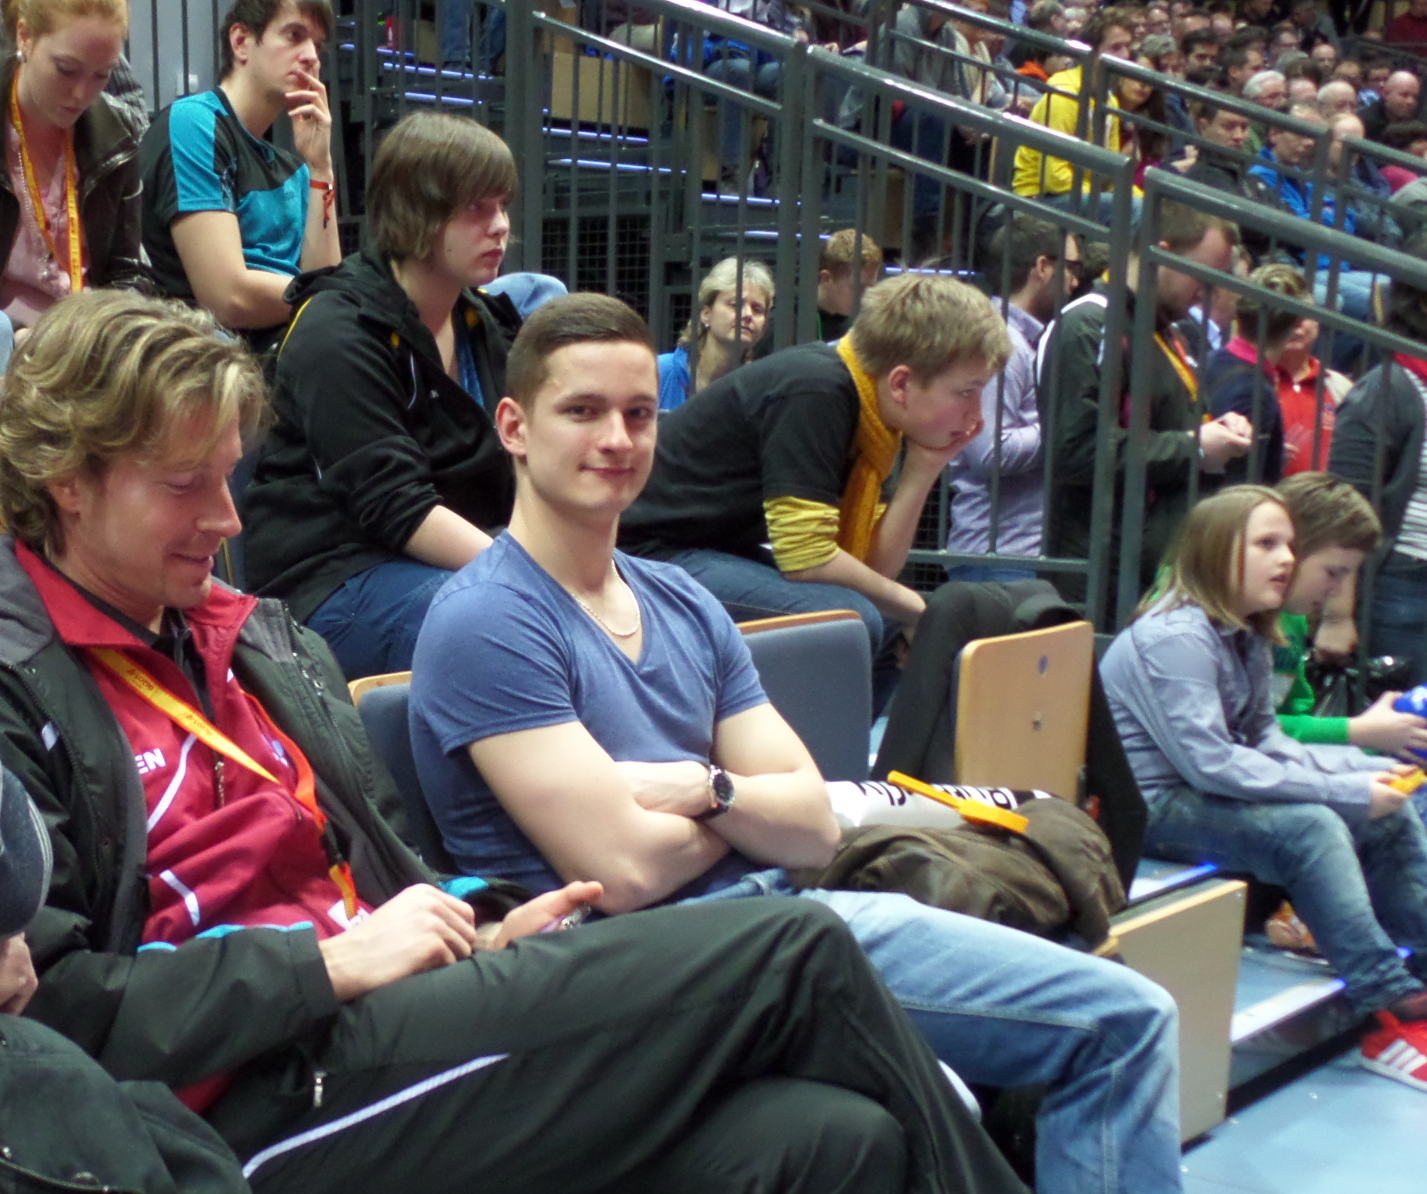 images/Jo und Jens unter den Zuschauern.jpg